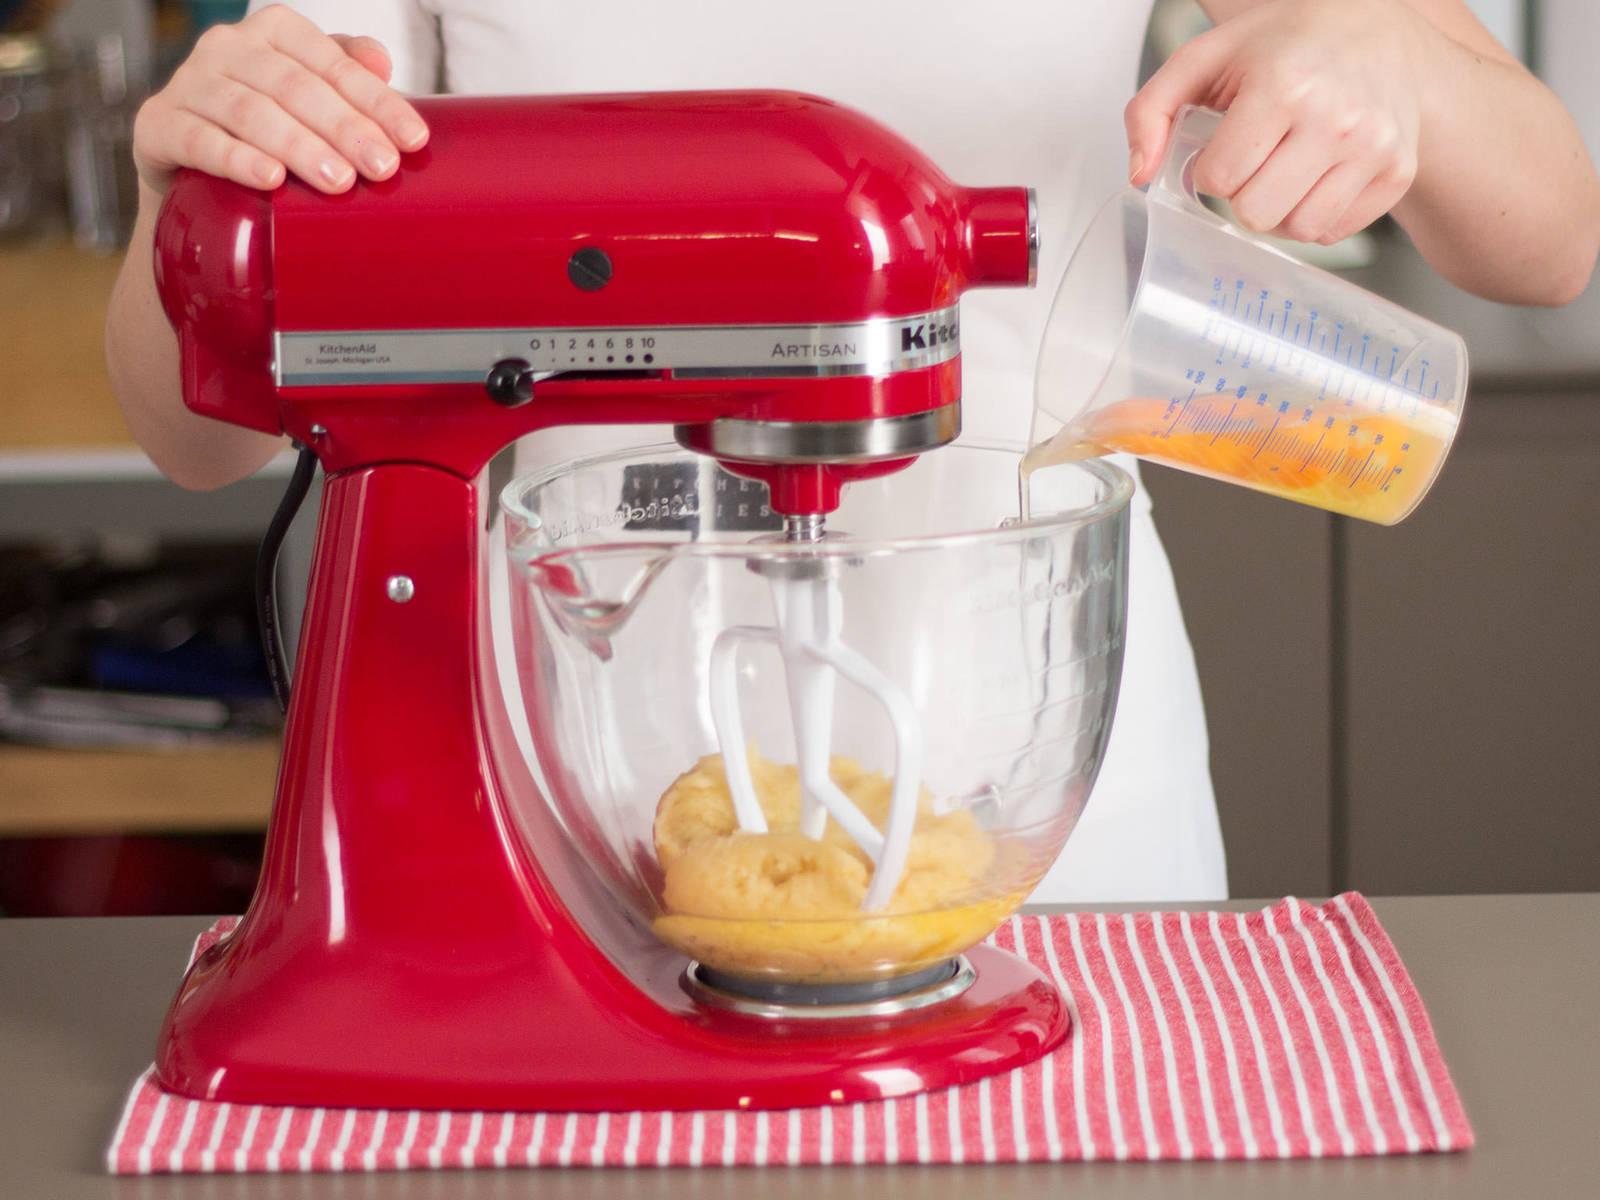 将鸡蛋加入立式搅拌机,搅拌至两者合一,形成光滑的面团。将面团转入星形裱花袋。